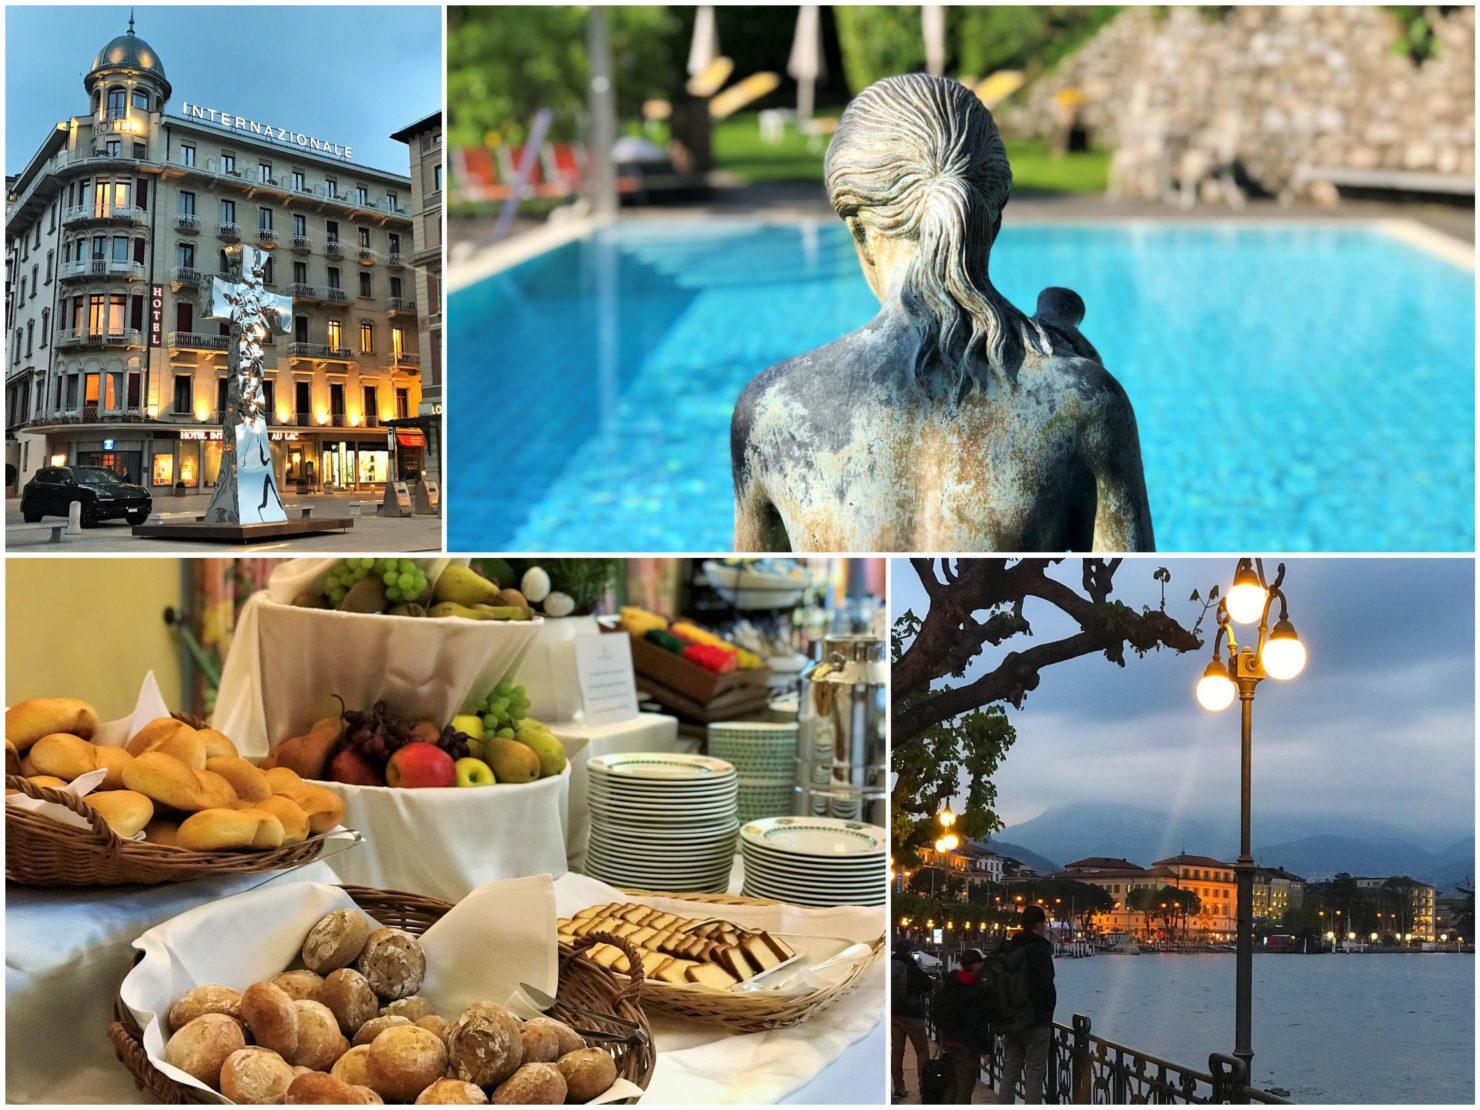 Hotel International au Lac in Lugano